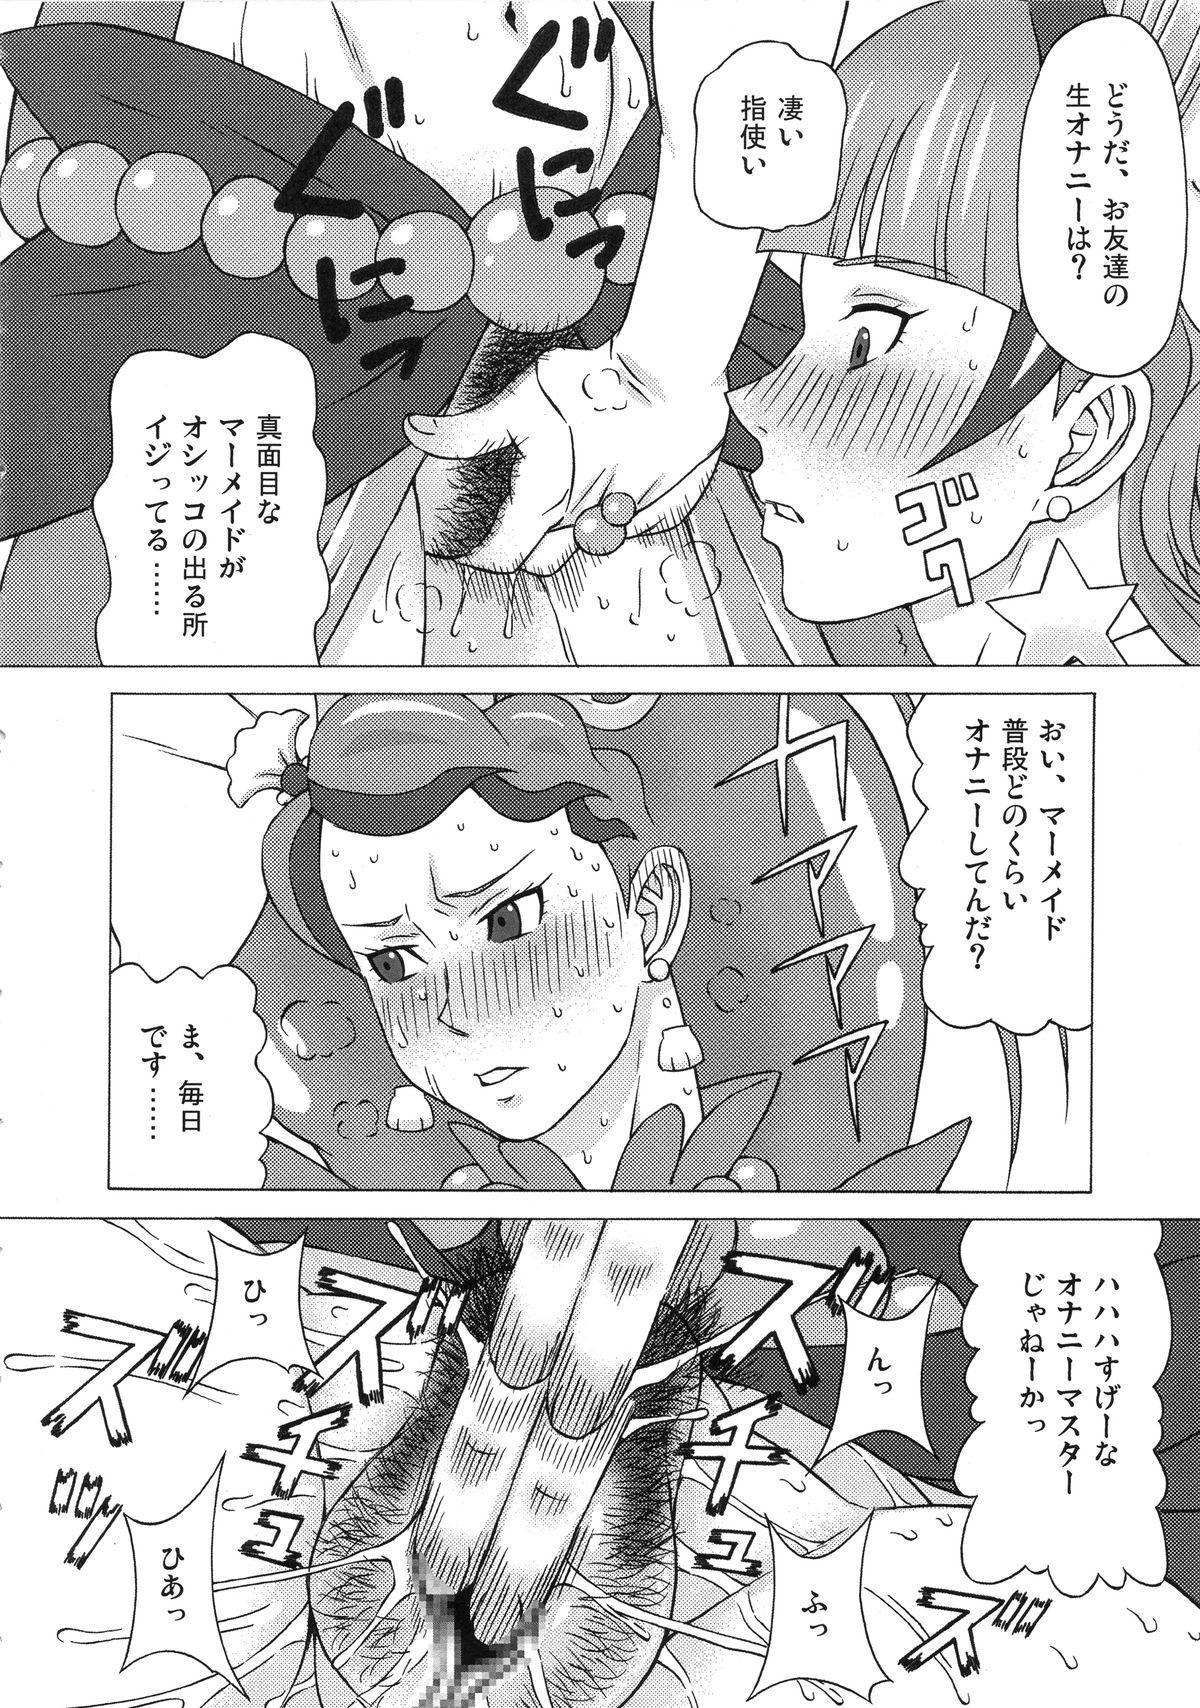 Kaidou Minami to Amanogawa Kirara ni Iroiro Shitemita. 12